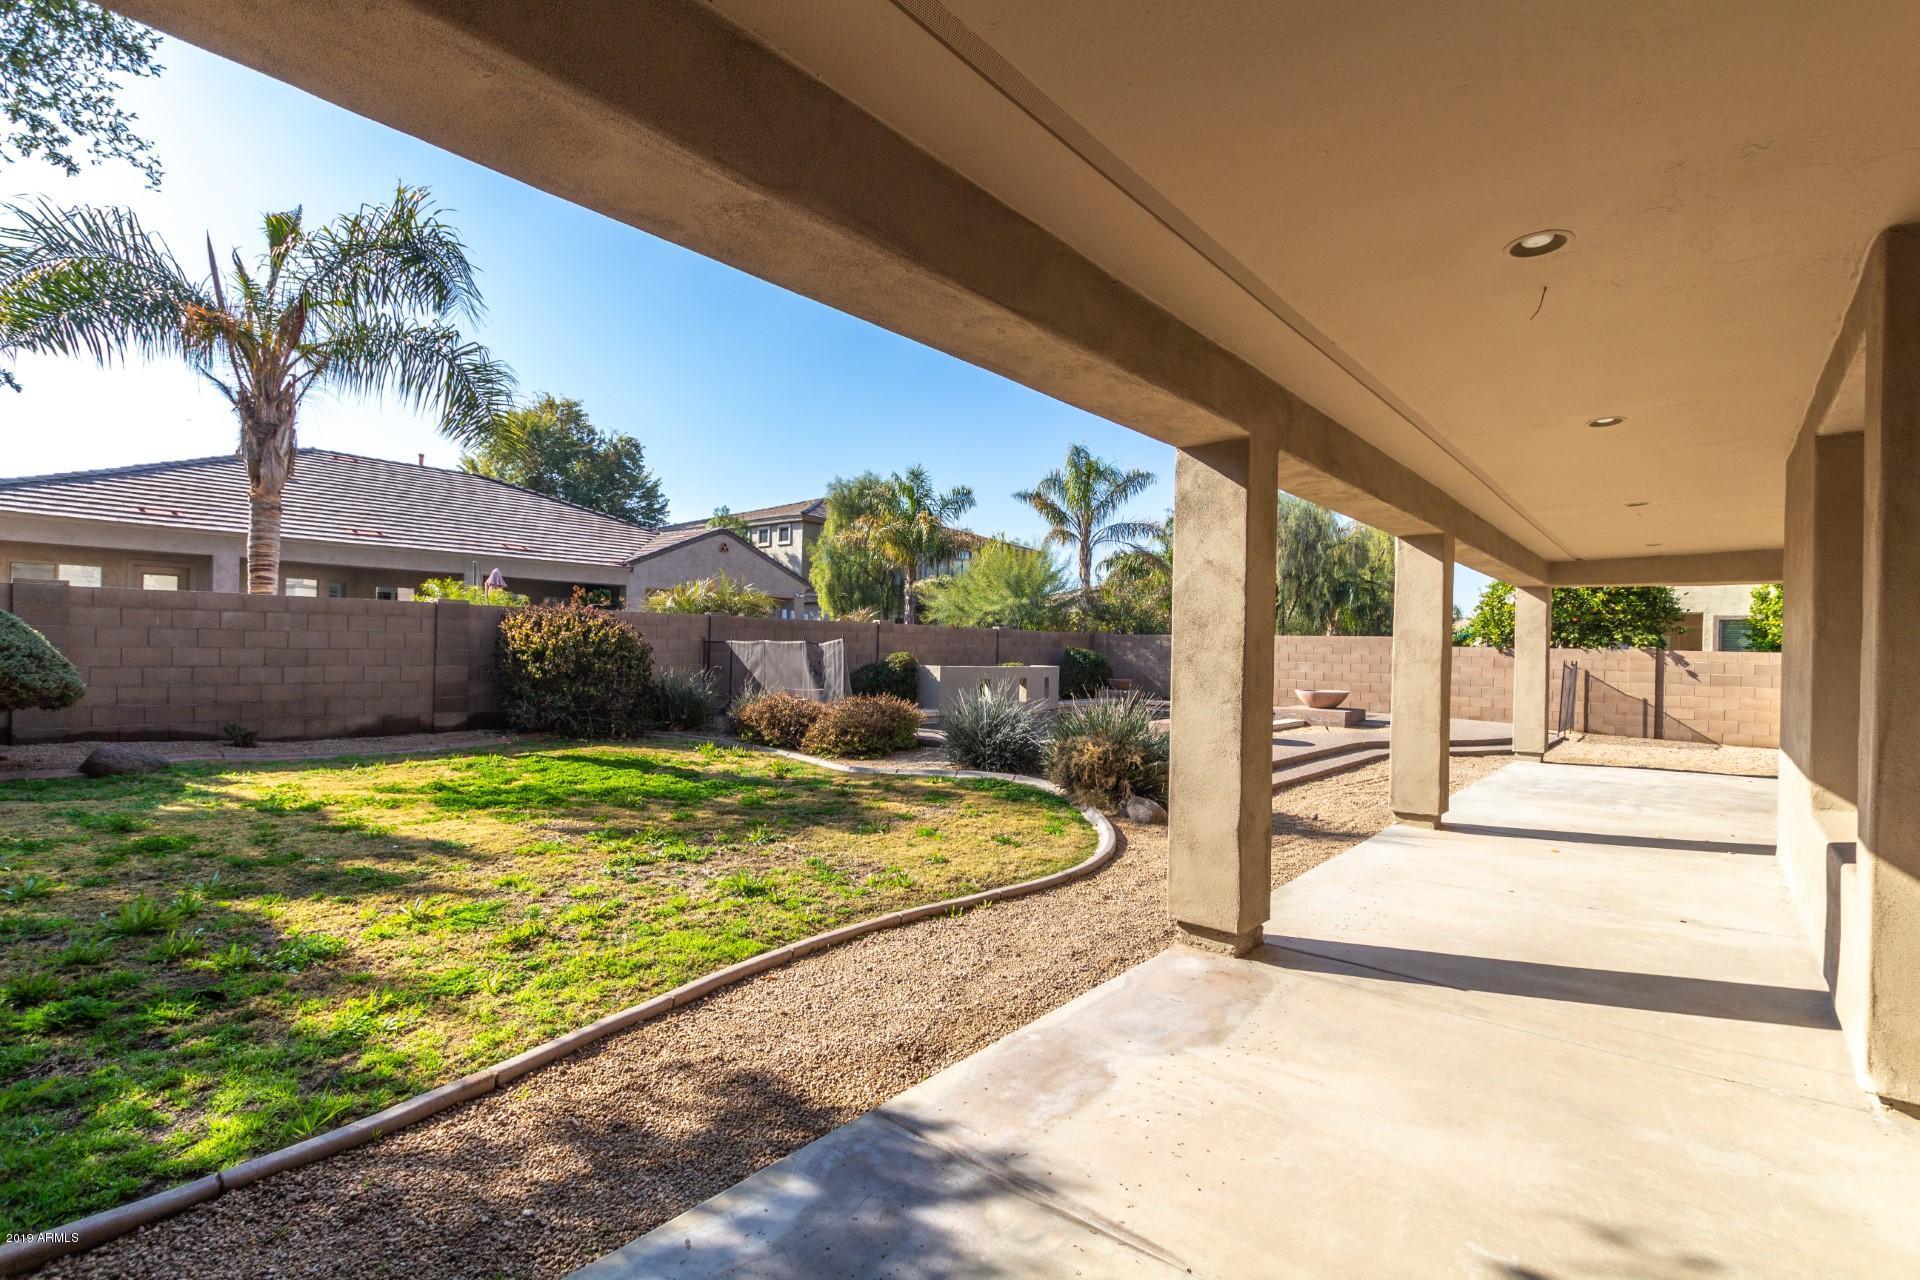 MLS 5891144 313 W MACAW Drive, Chandler, AZ 85286 Chandler AZ Arden Park